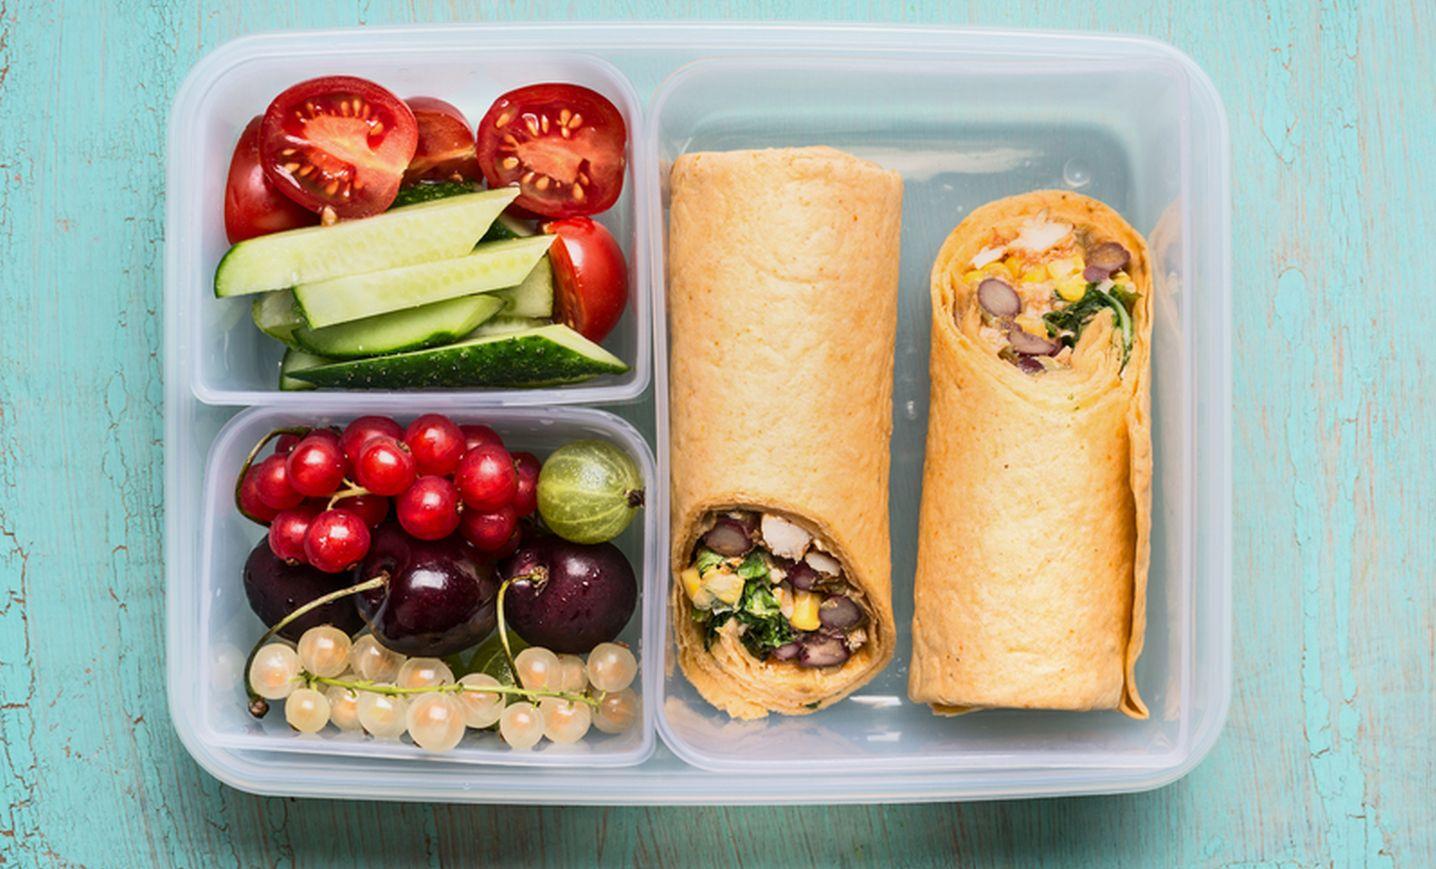 Mittagessen. Bild: VICUSCHKA/photocase.de